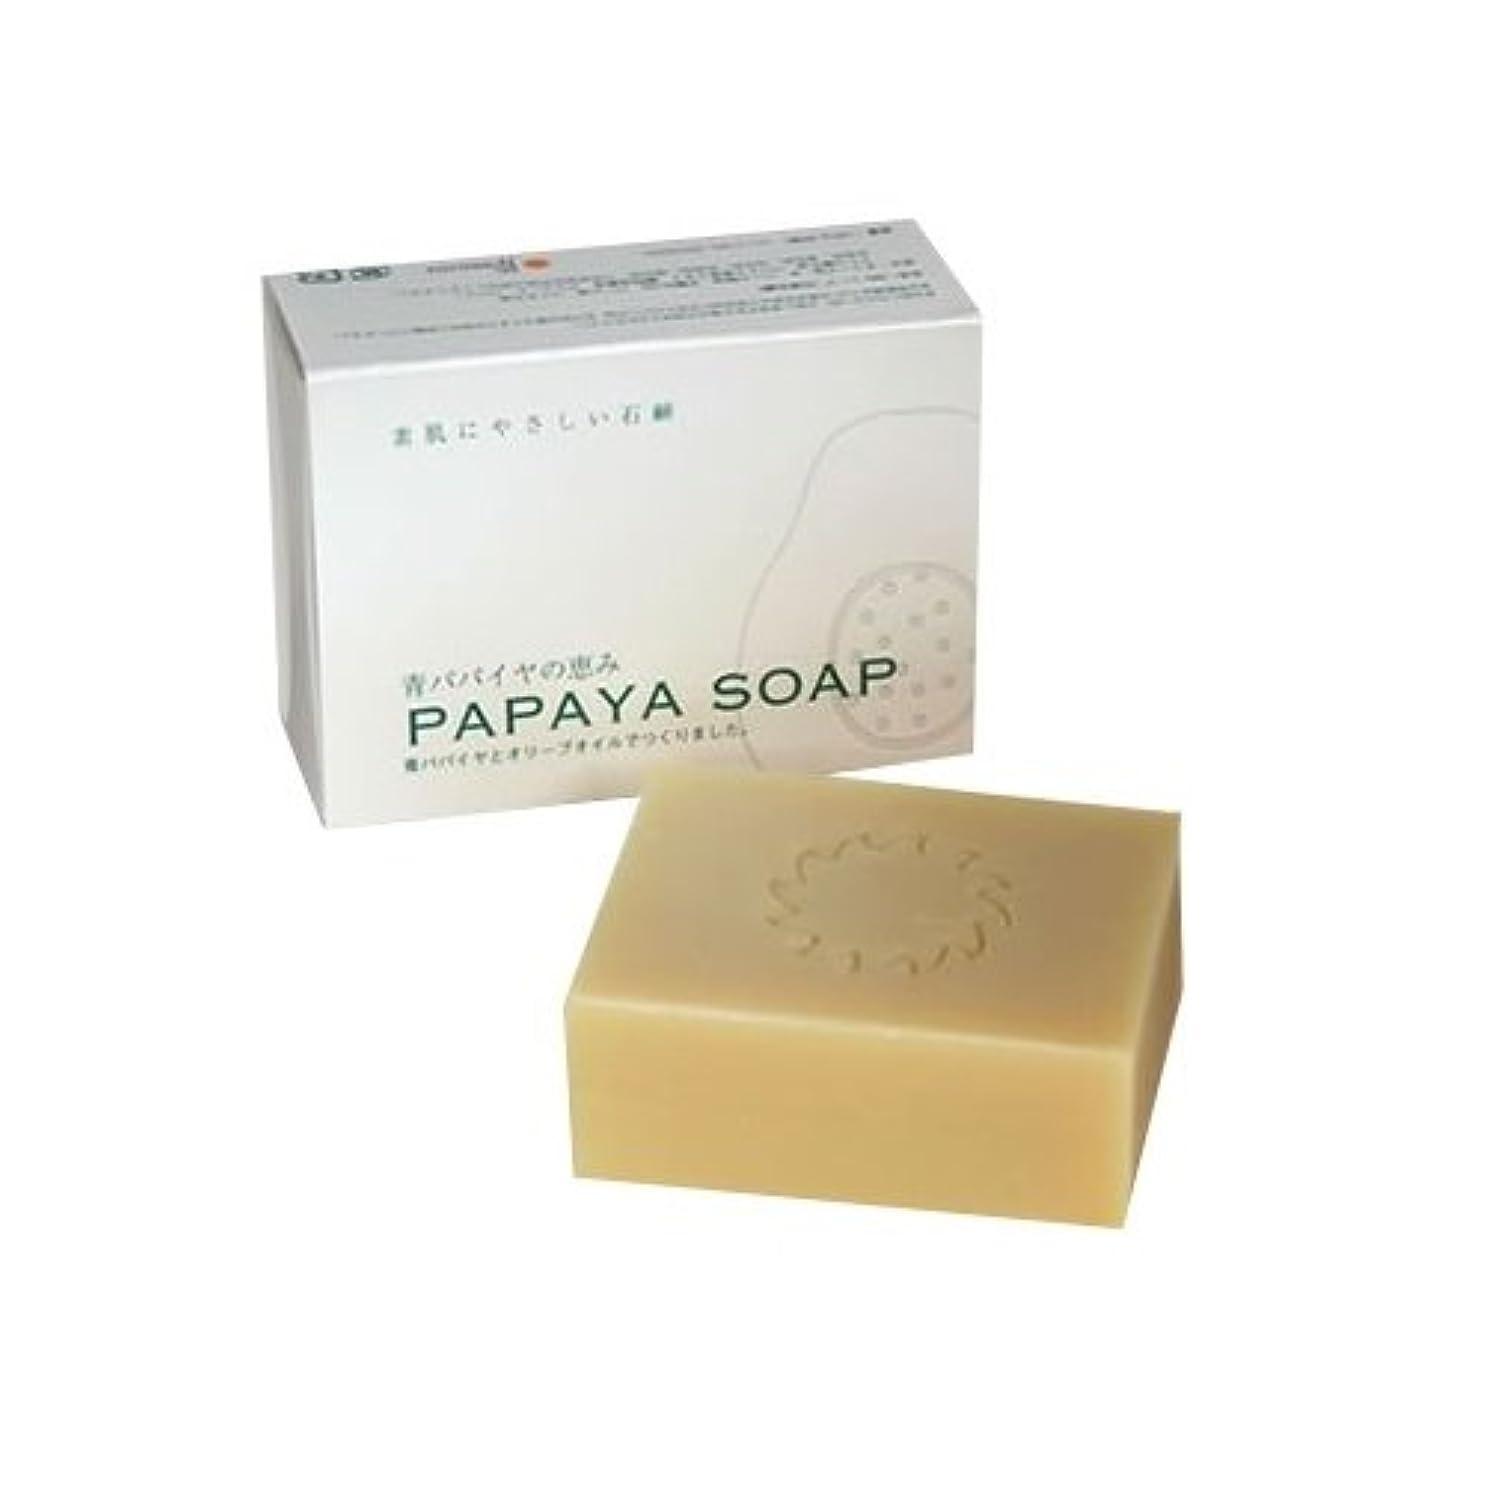 メンタリティ変形する葬儀青パパイヤの恵み PAPAYA SOAP(パパイヤソープ) 100g